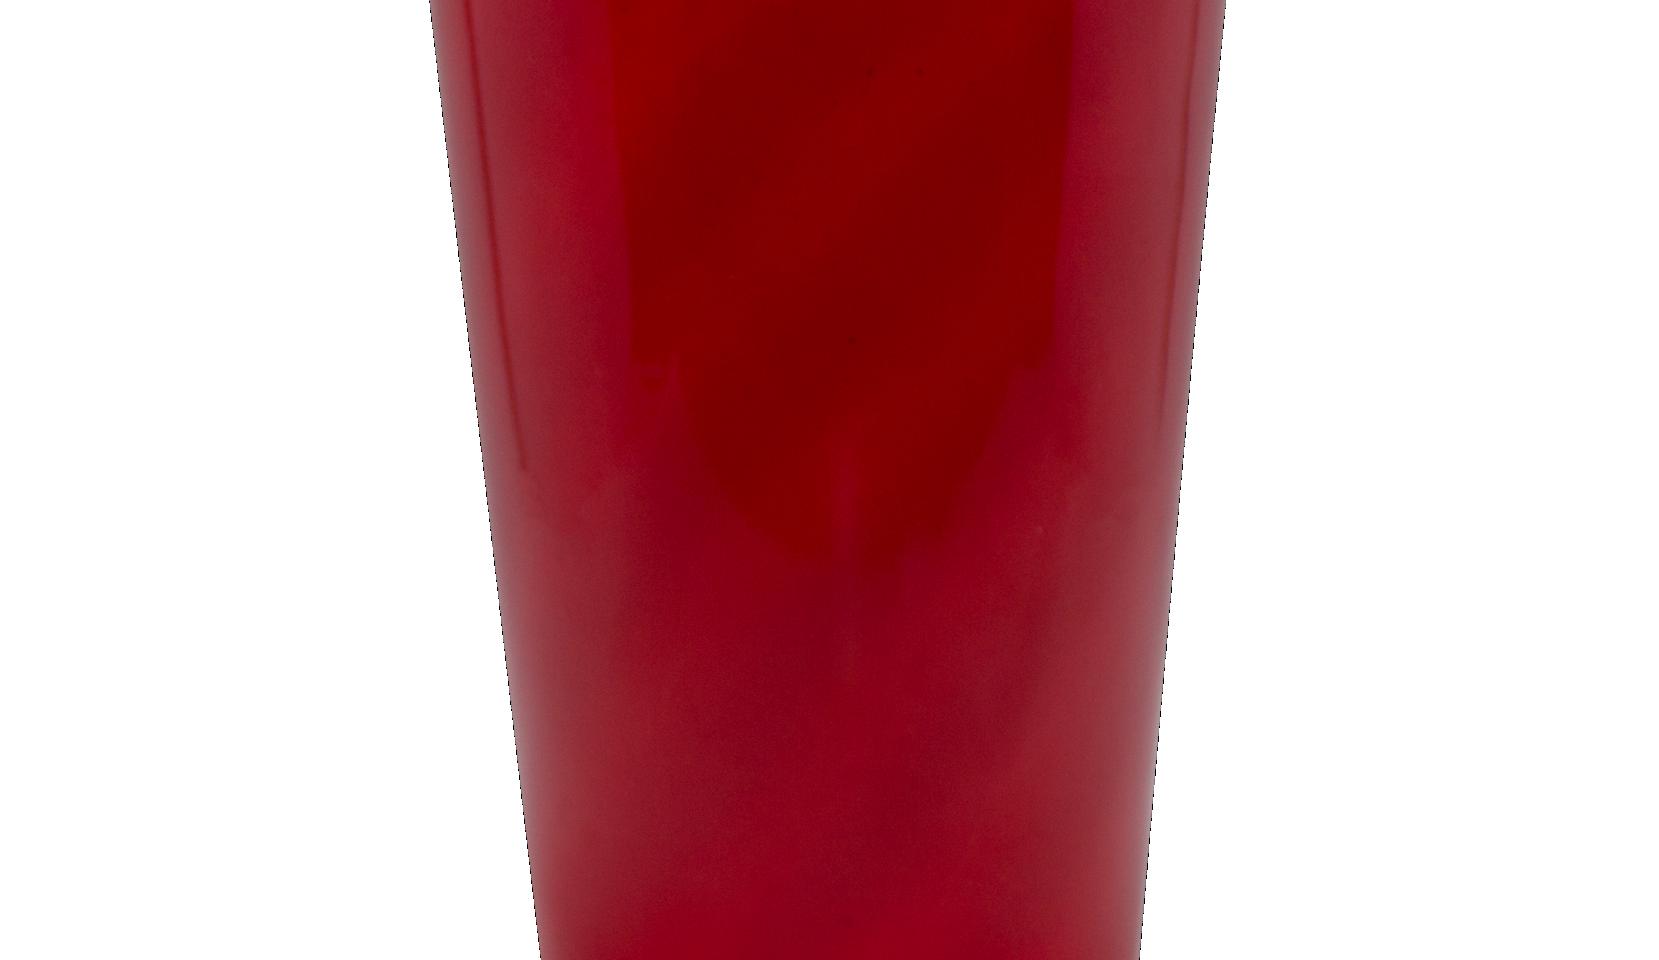 Vermelho.png